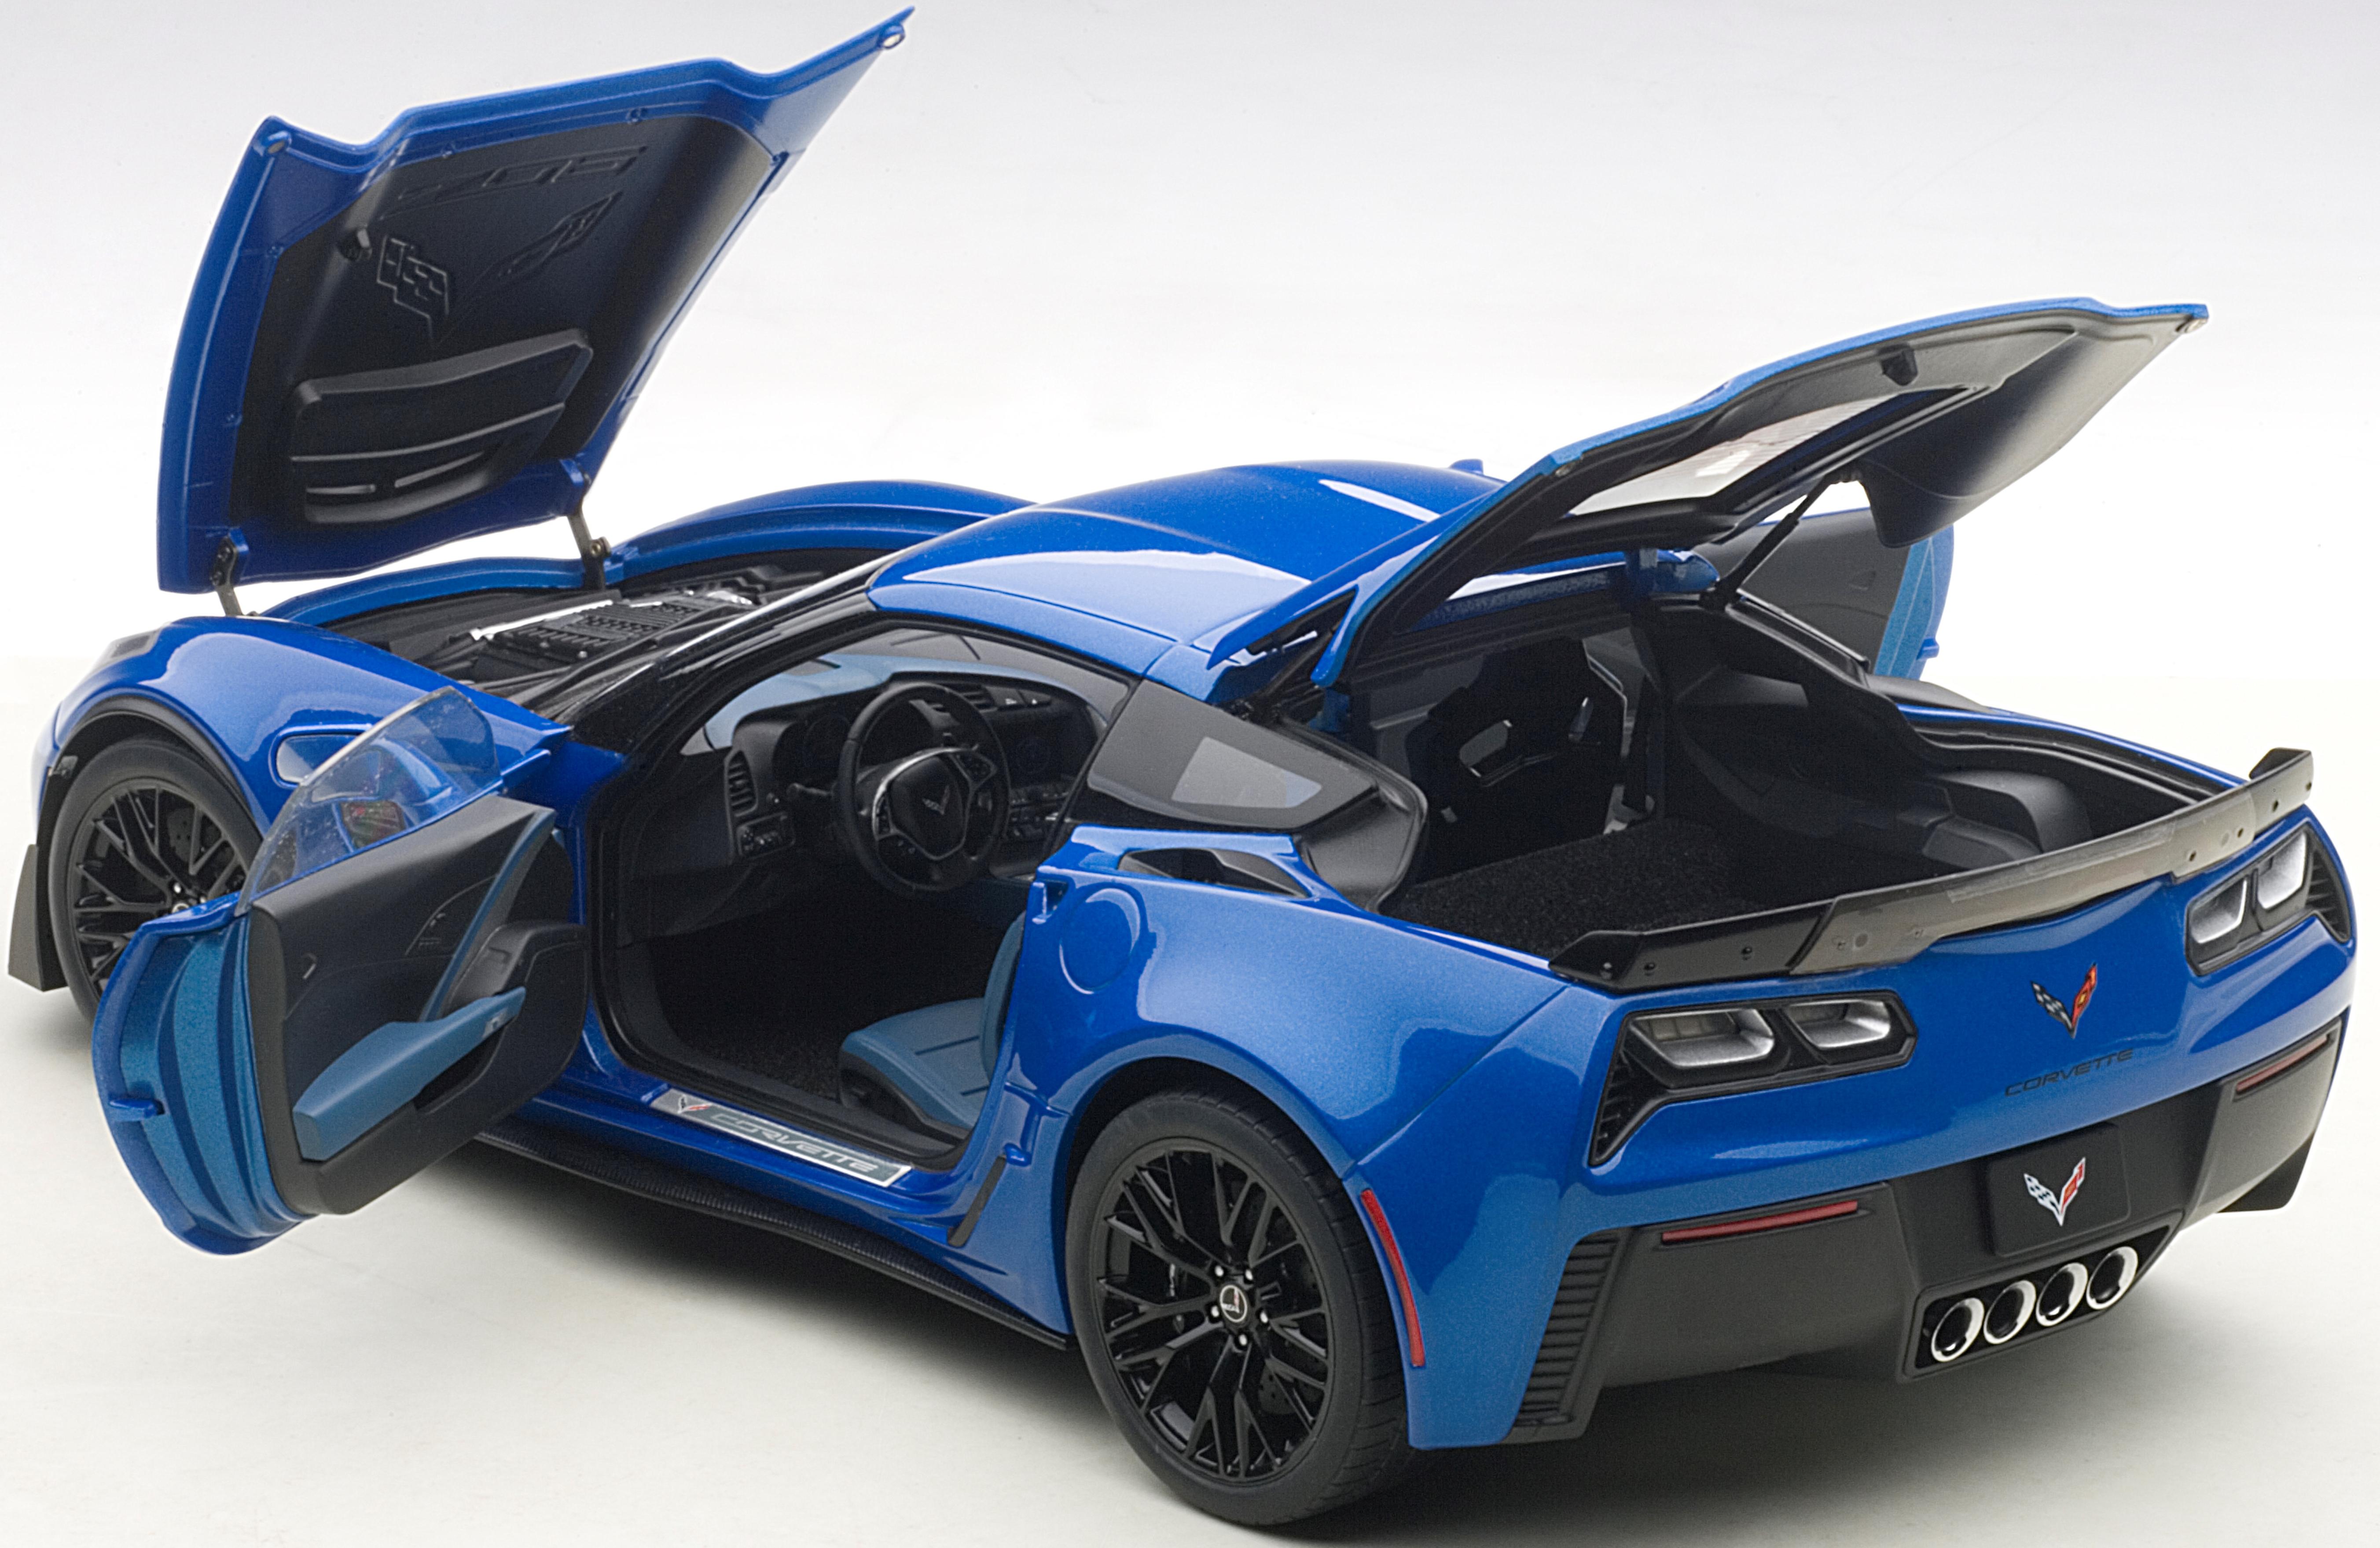 autoart 71265 chevrolet corvette c7 z06 blau menzels. Black Bedroom Furniture Sets. Home Design Ideas